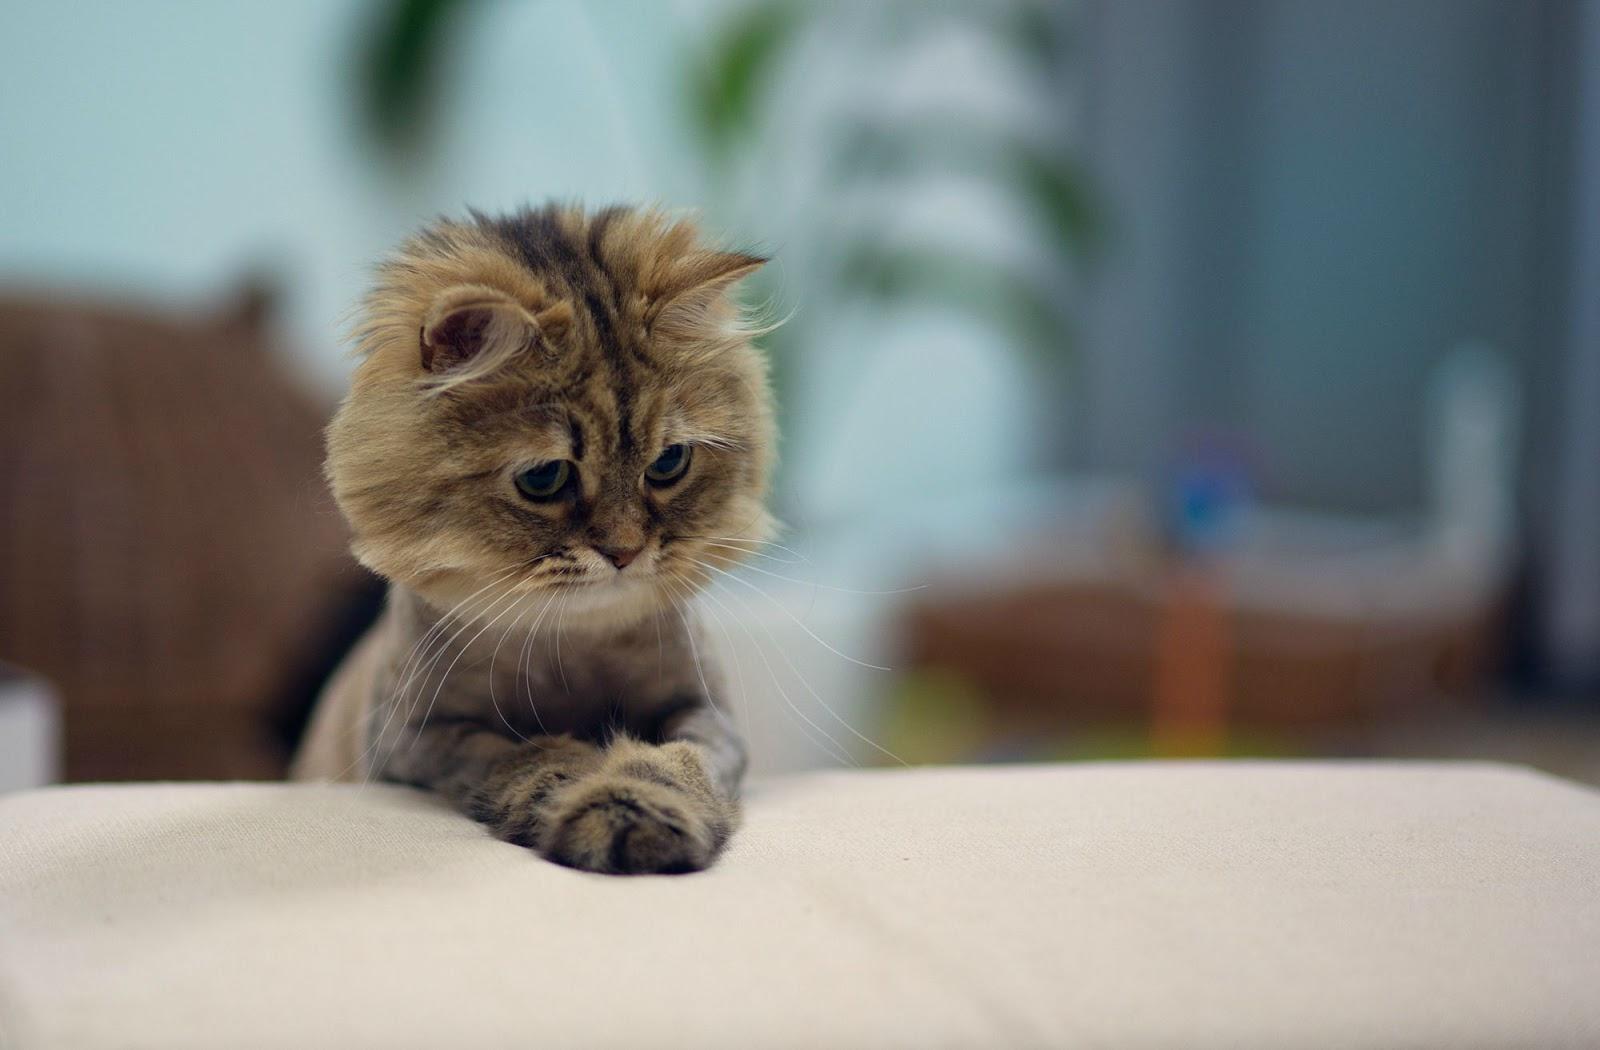 Funny Cats: Funny Cats - Part 56 (30 Pics + 10 Gifs)